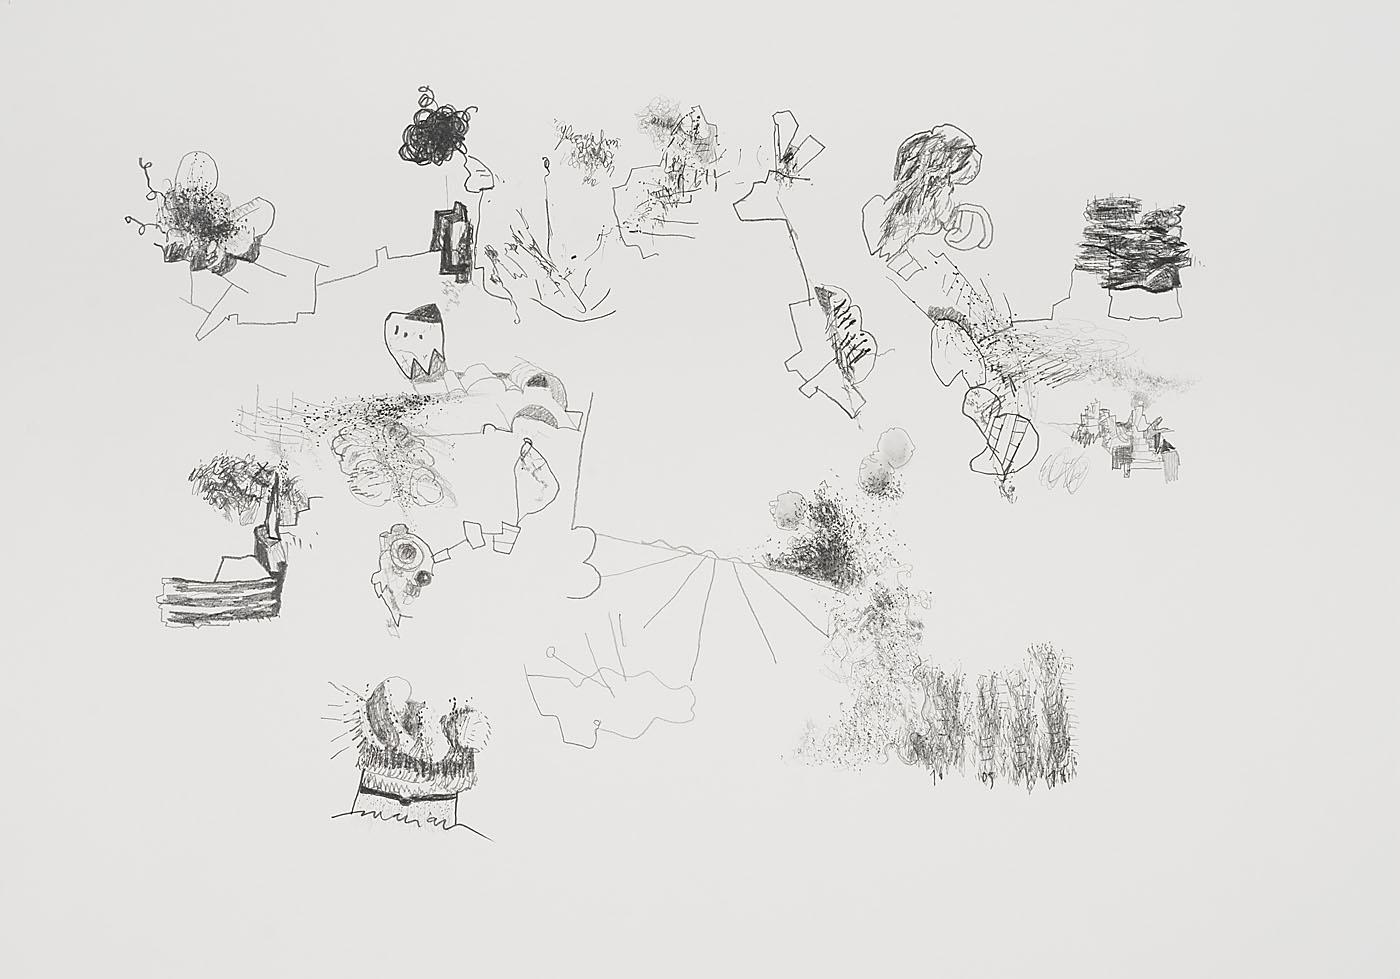 Seismografische Komposition 16 05 14 / Bleistift auf Papier / 59,4 x 84,1 cm